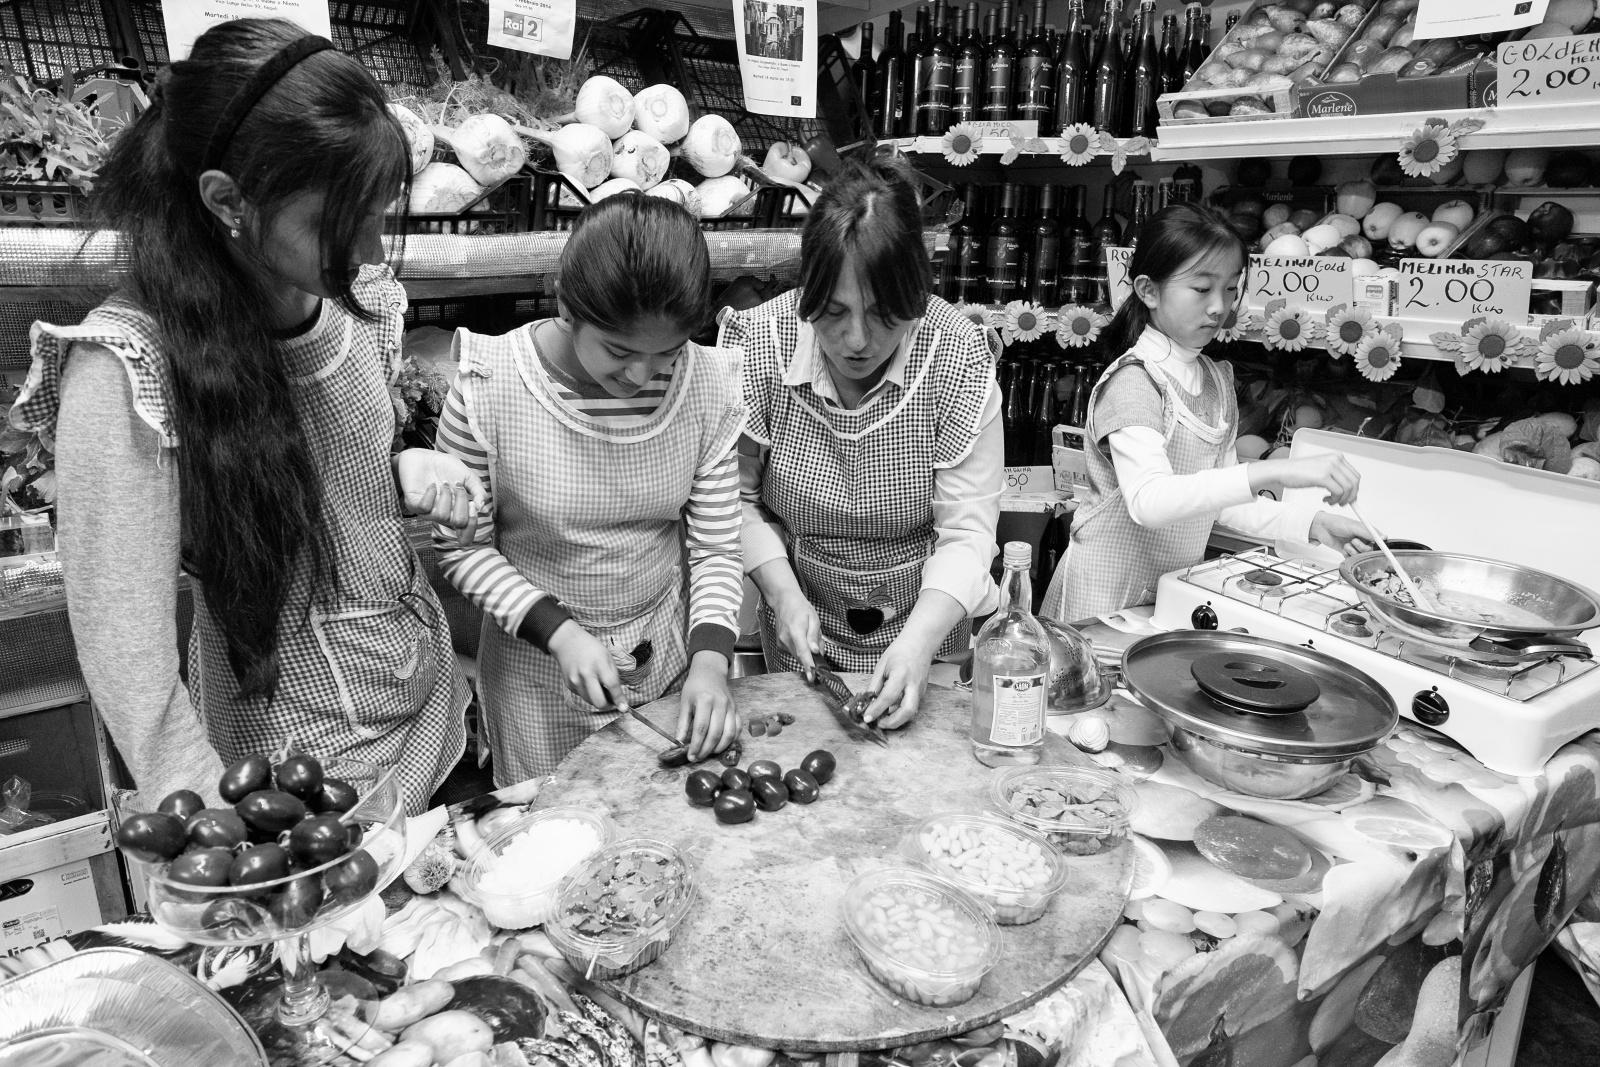 Contaminazioni gastronomiche - Ortofrutta Scognamiglio - Via Lungo Gelso, quartieri Spagnoli, Napoli, 2014